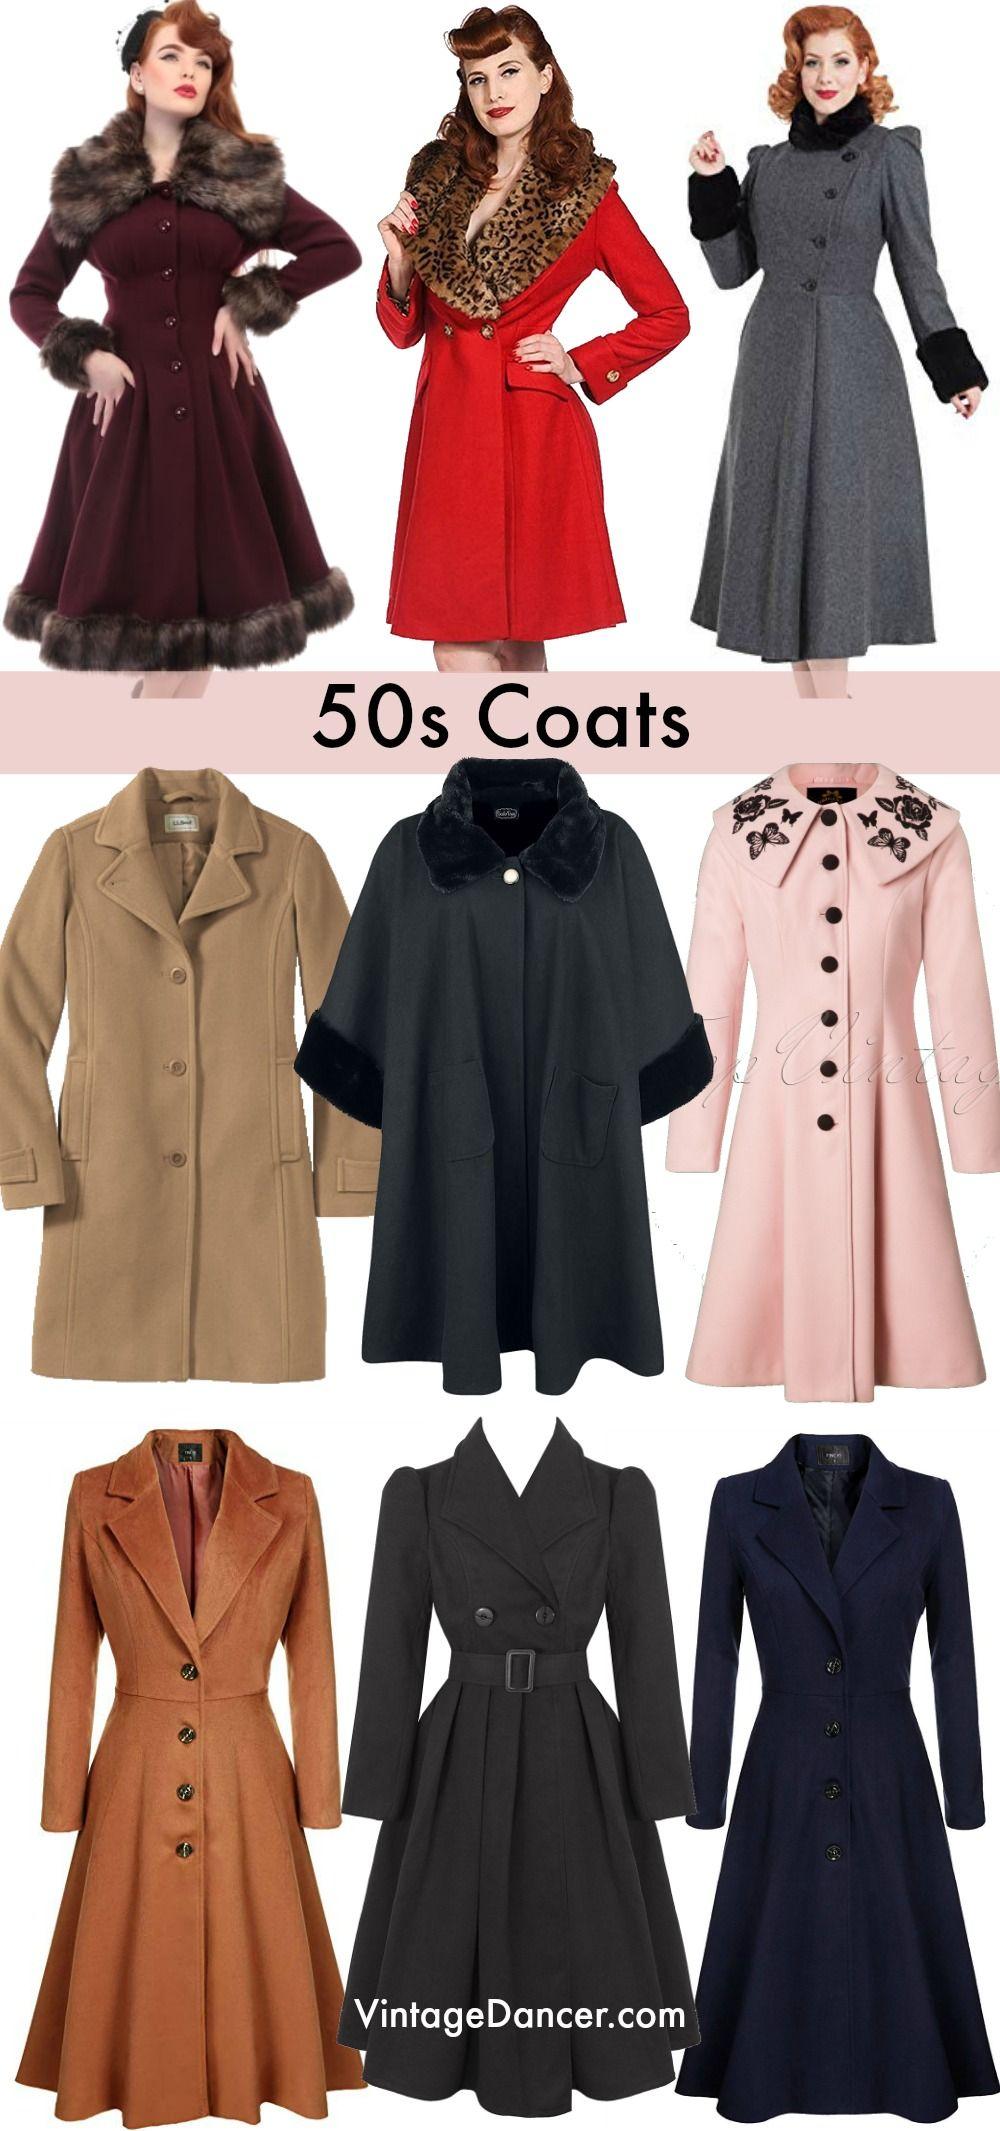 1950s Jackets, Coats, Bolero | Swing, Pin Up, Rockabilly